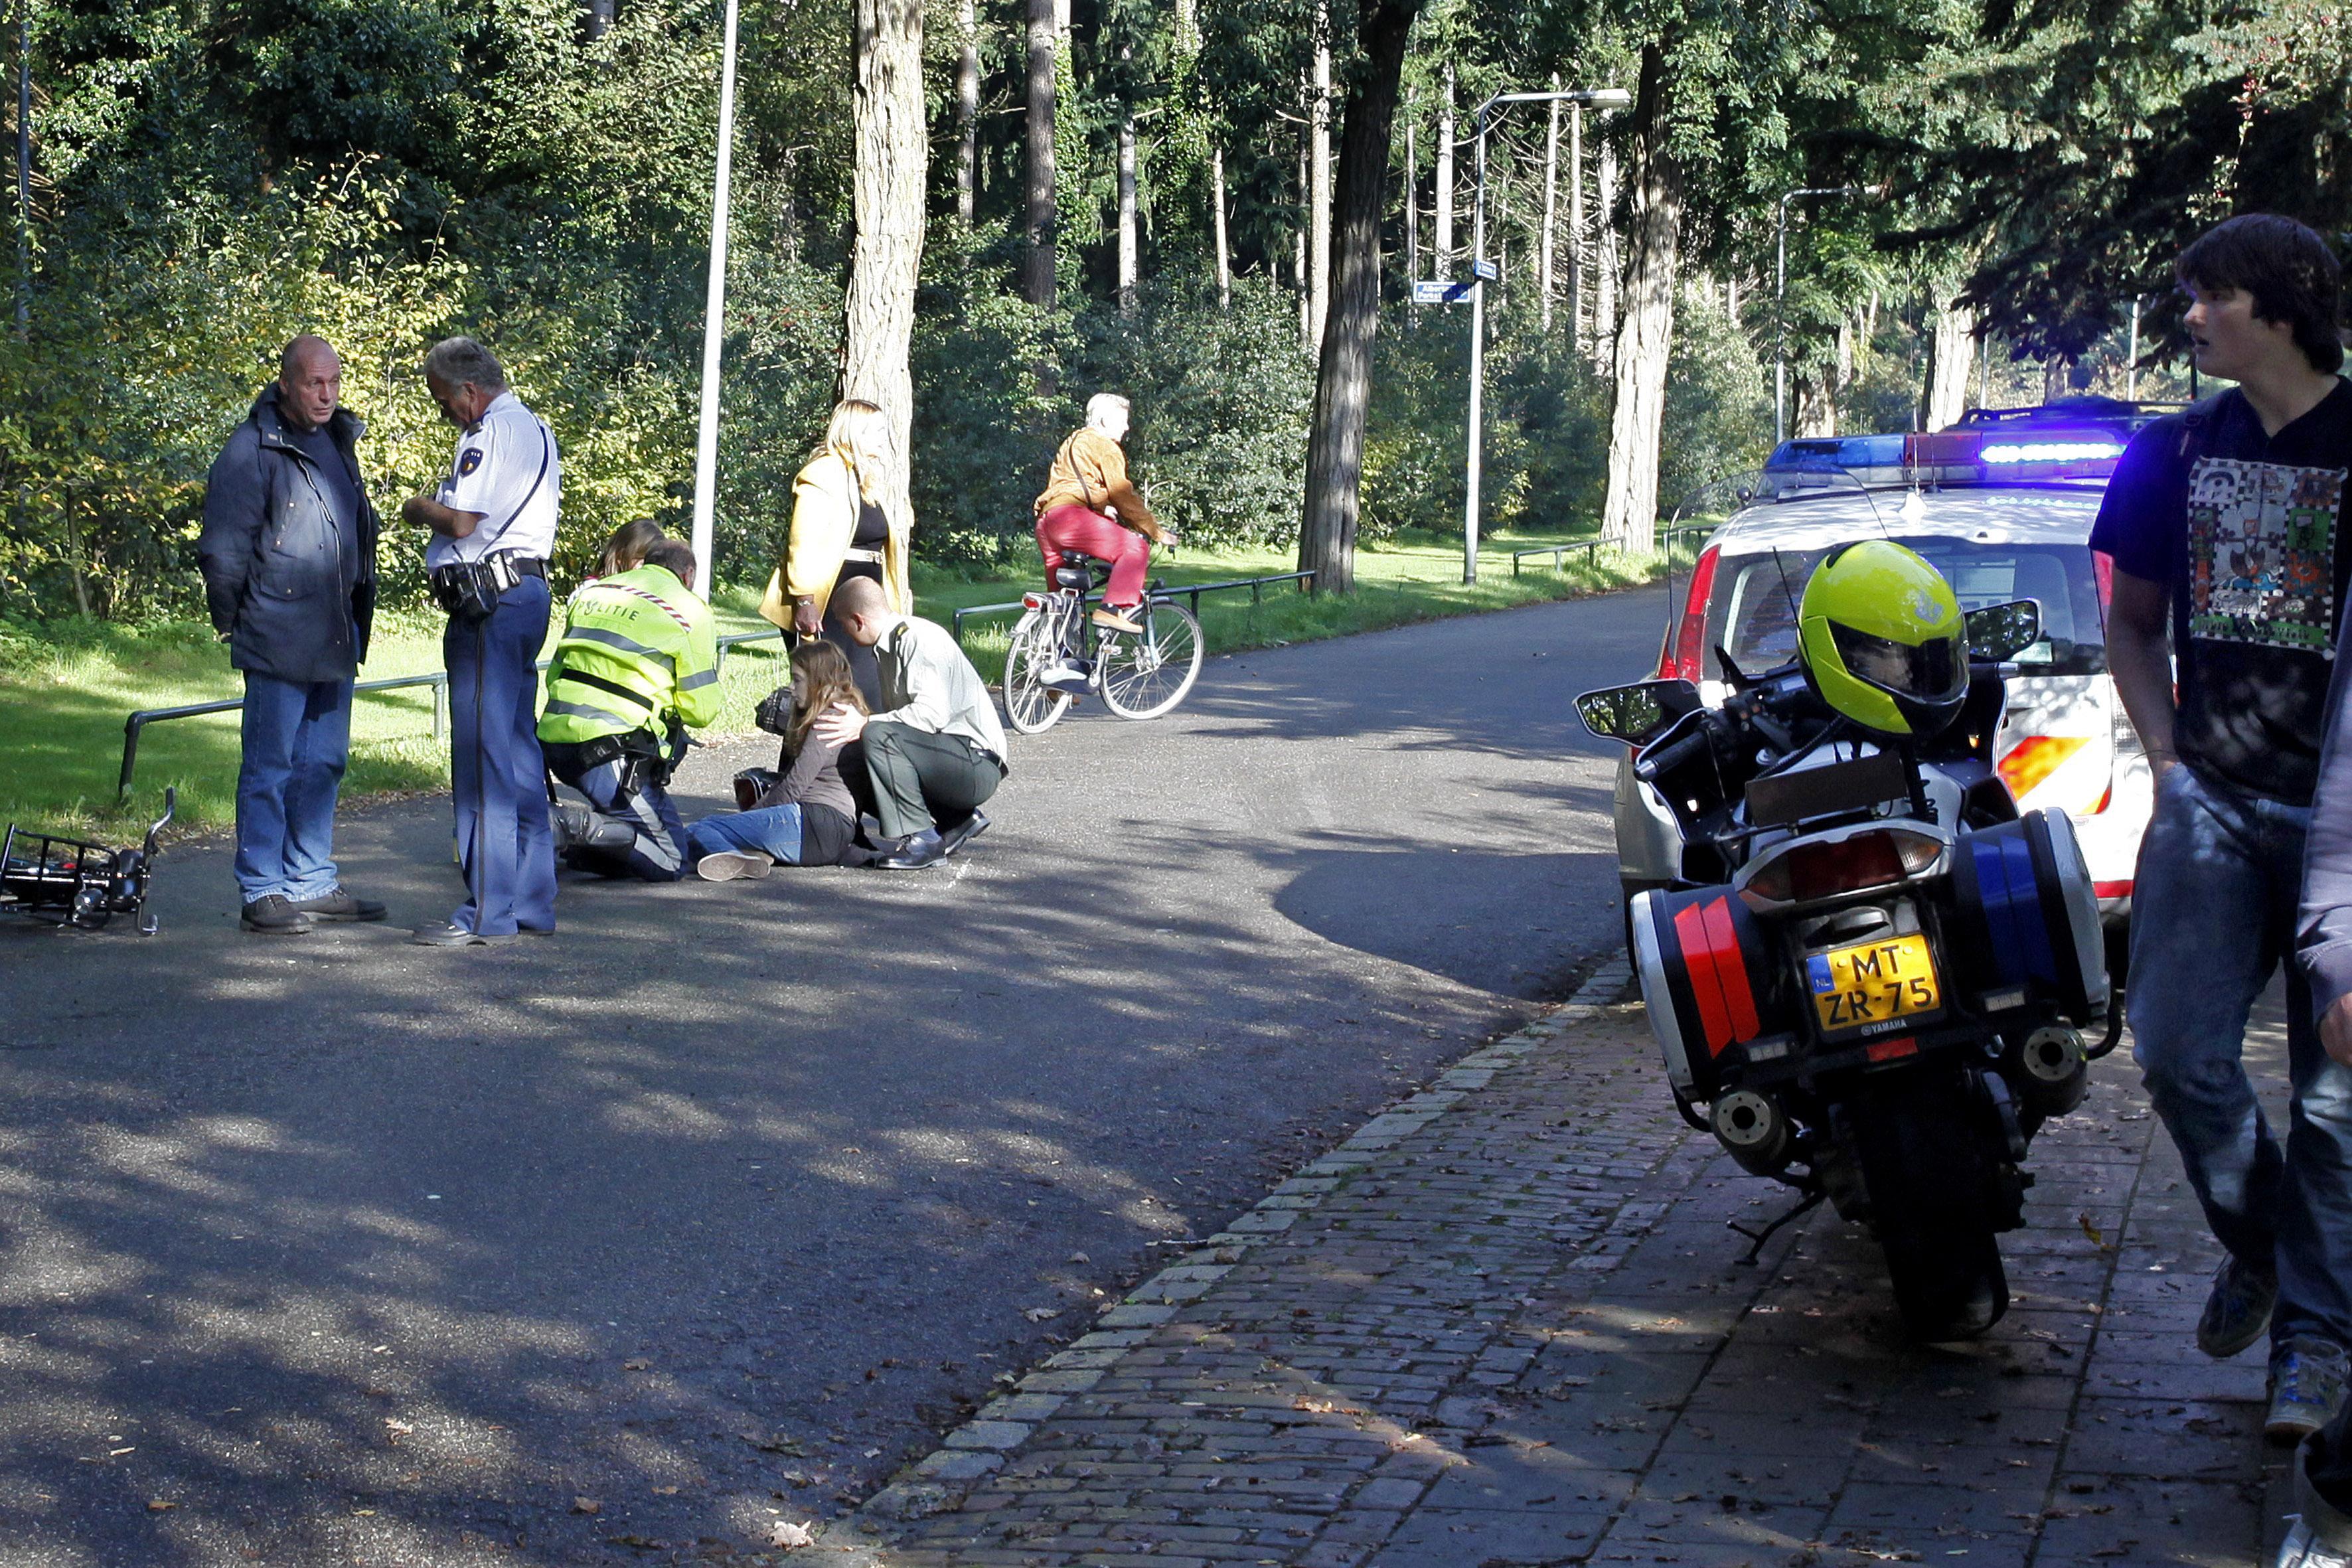 Ruim 770.000 euro van provincie voor veiliger verkeer in Hilversum, inclusief inrichting Schuttersweg als fietsstraat. Ook twee ton voor fietspaden Bad Vilbelpark in Huizen